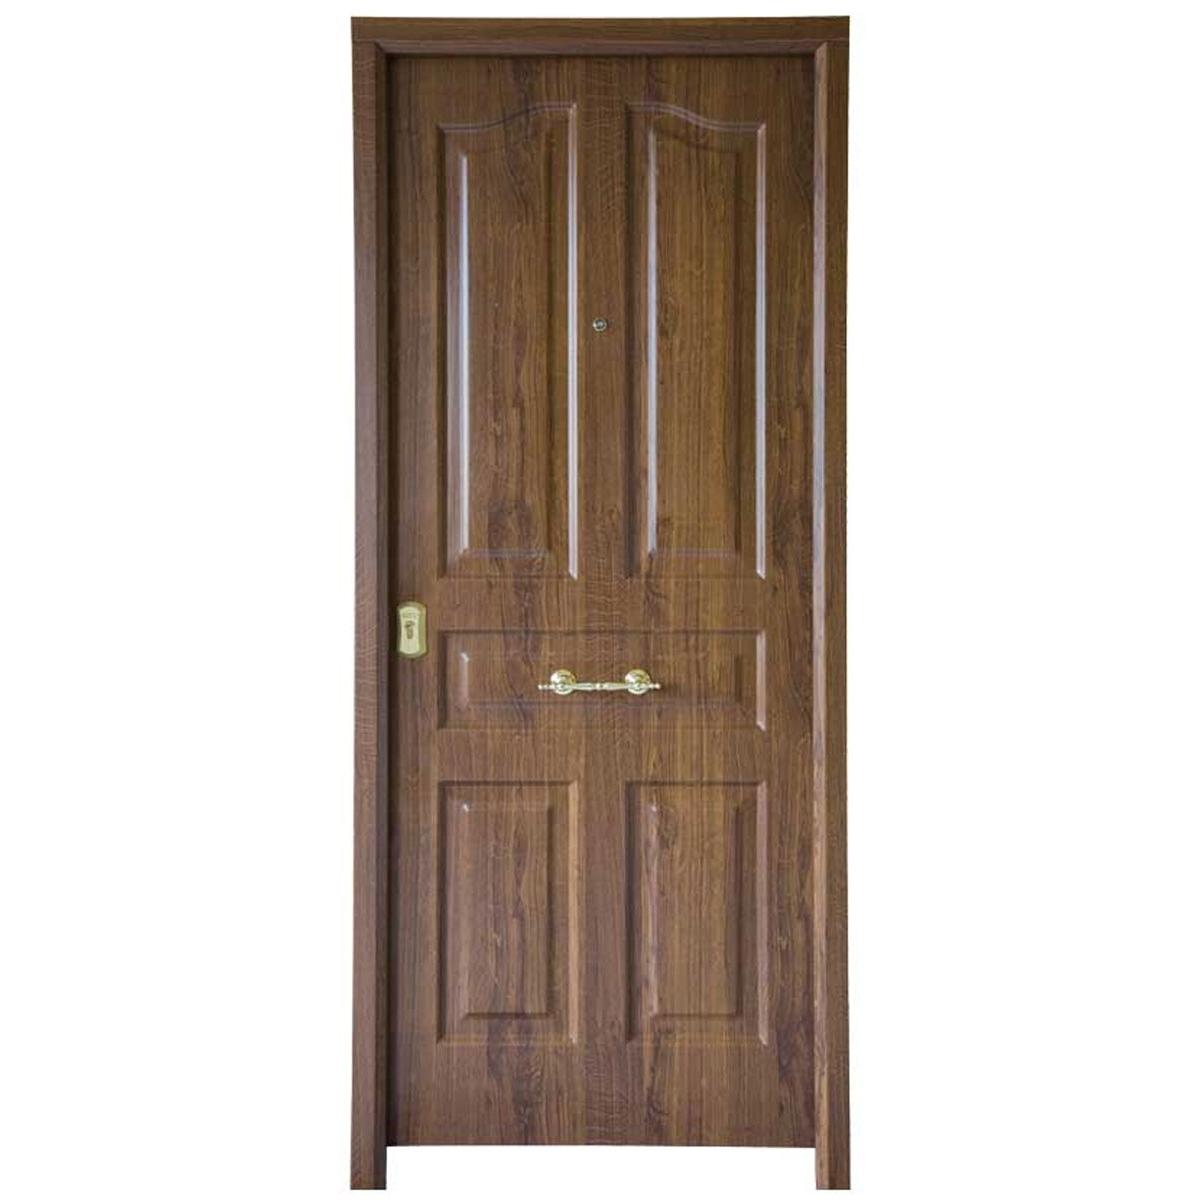 Puerta acorazada Antique Castaño Rustico - Puertas acorazadas Serie B4-BL